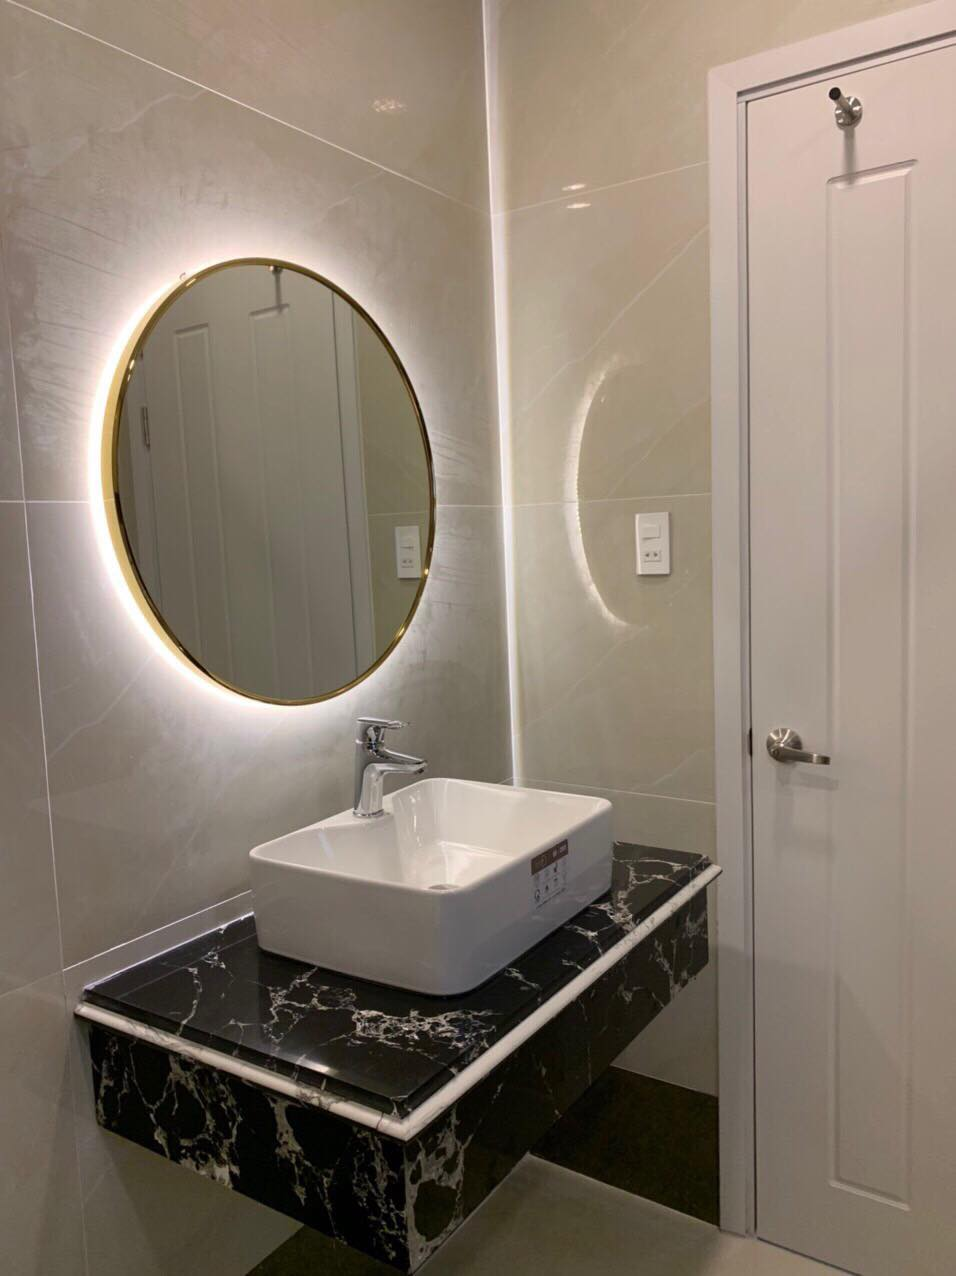 Gương tròn viền inox mạ vàng cao cấp đường kính D50